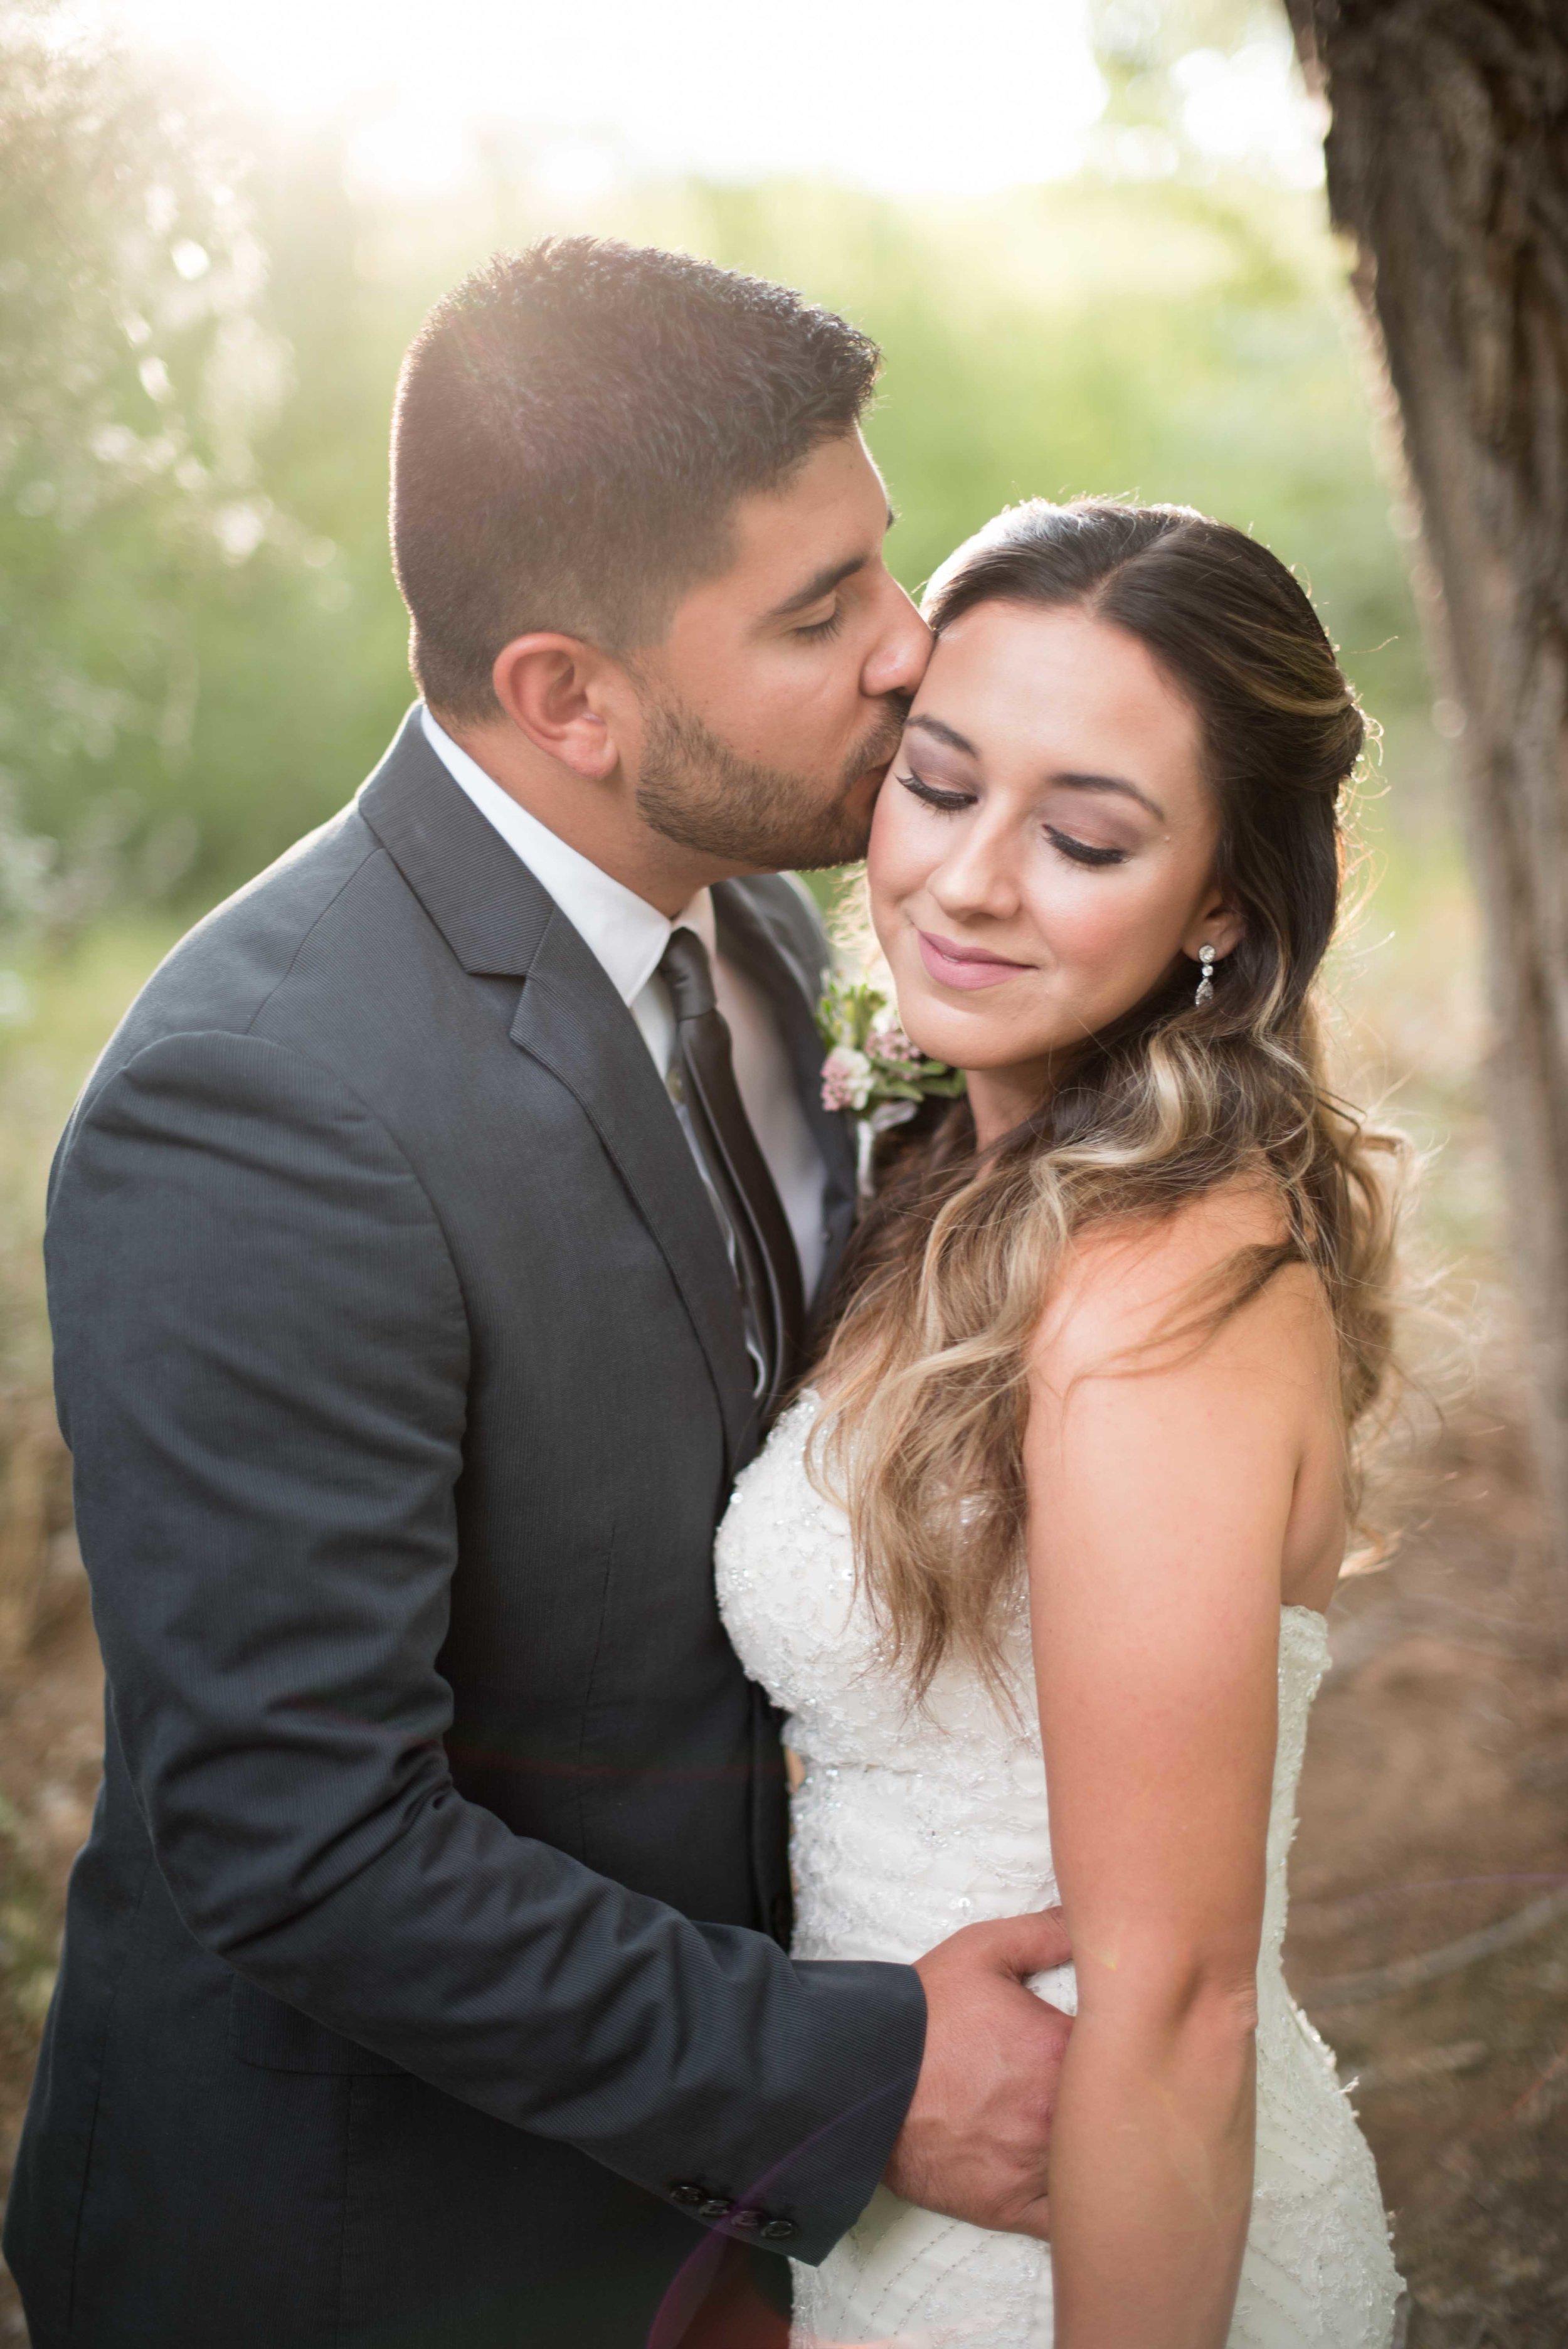 corrales, nm wedding photographers